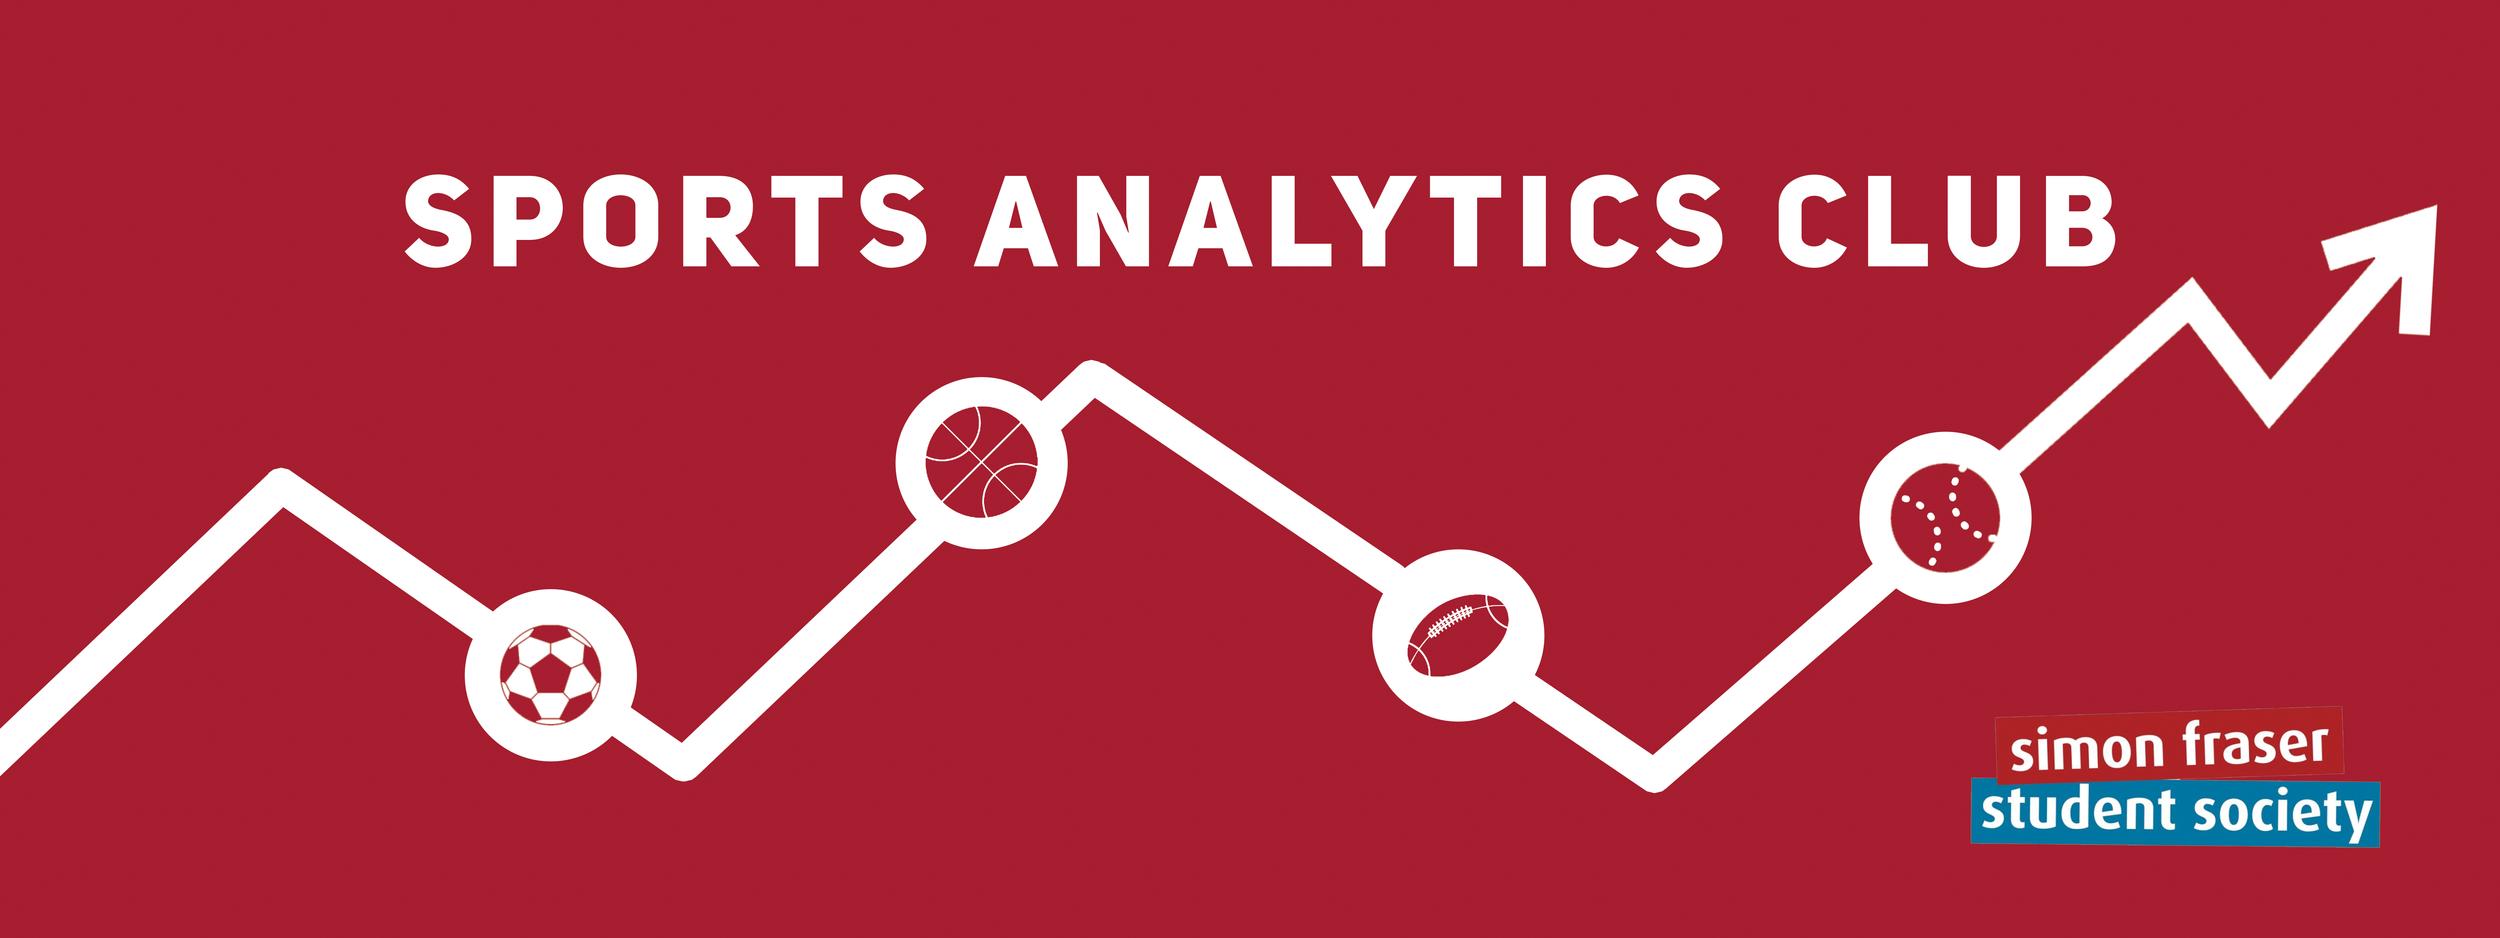 sportsanalytics3.png